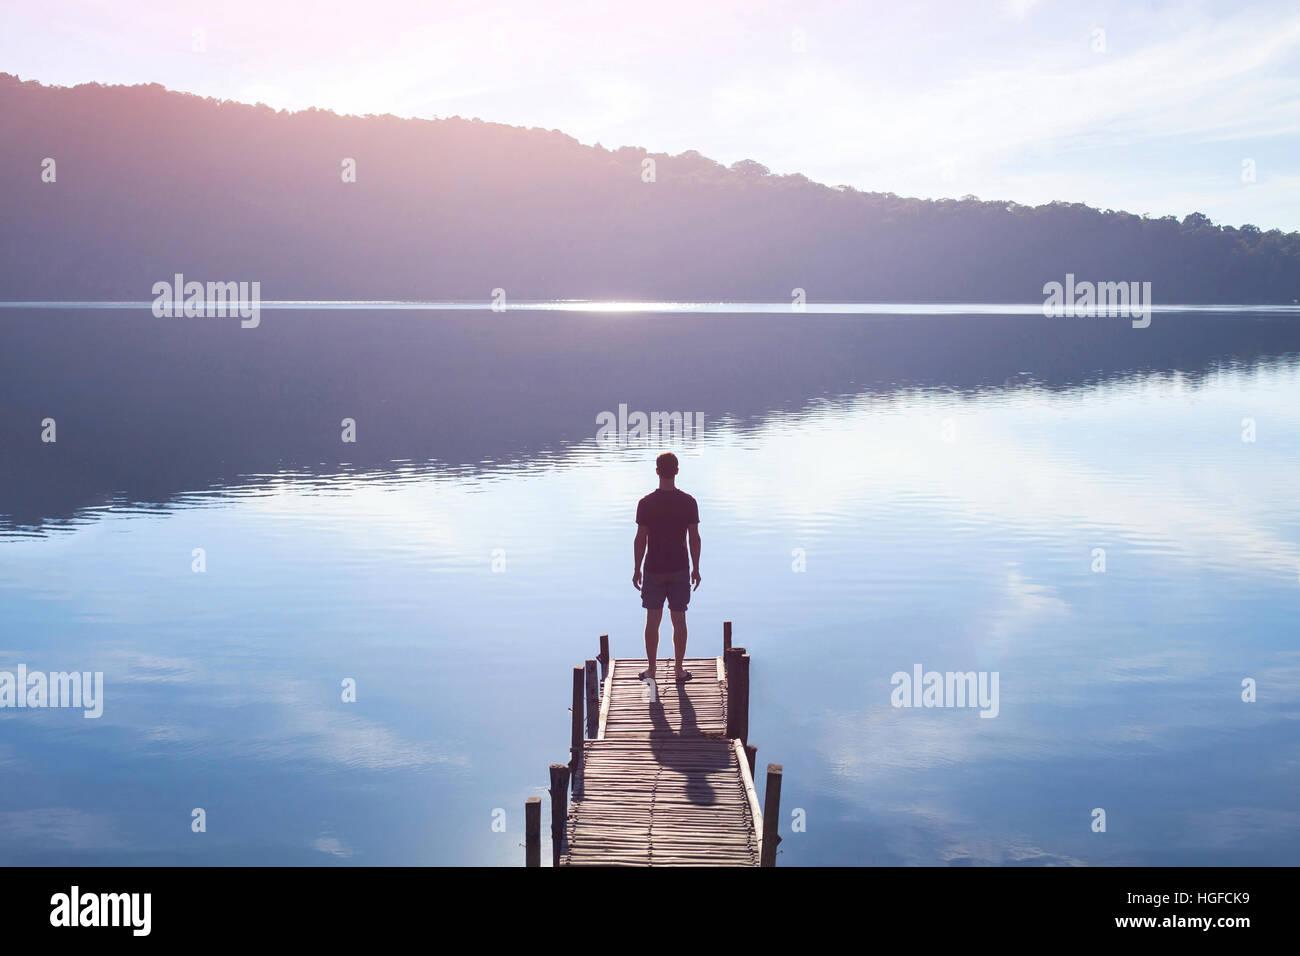 Soñador, silueta de hombre de pie en el muelle de madera del lago al atardecer, la fuerza humana, la psicología Imagen De Stock